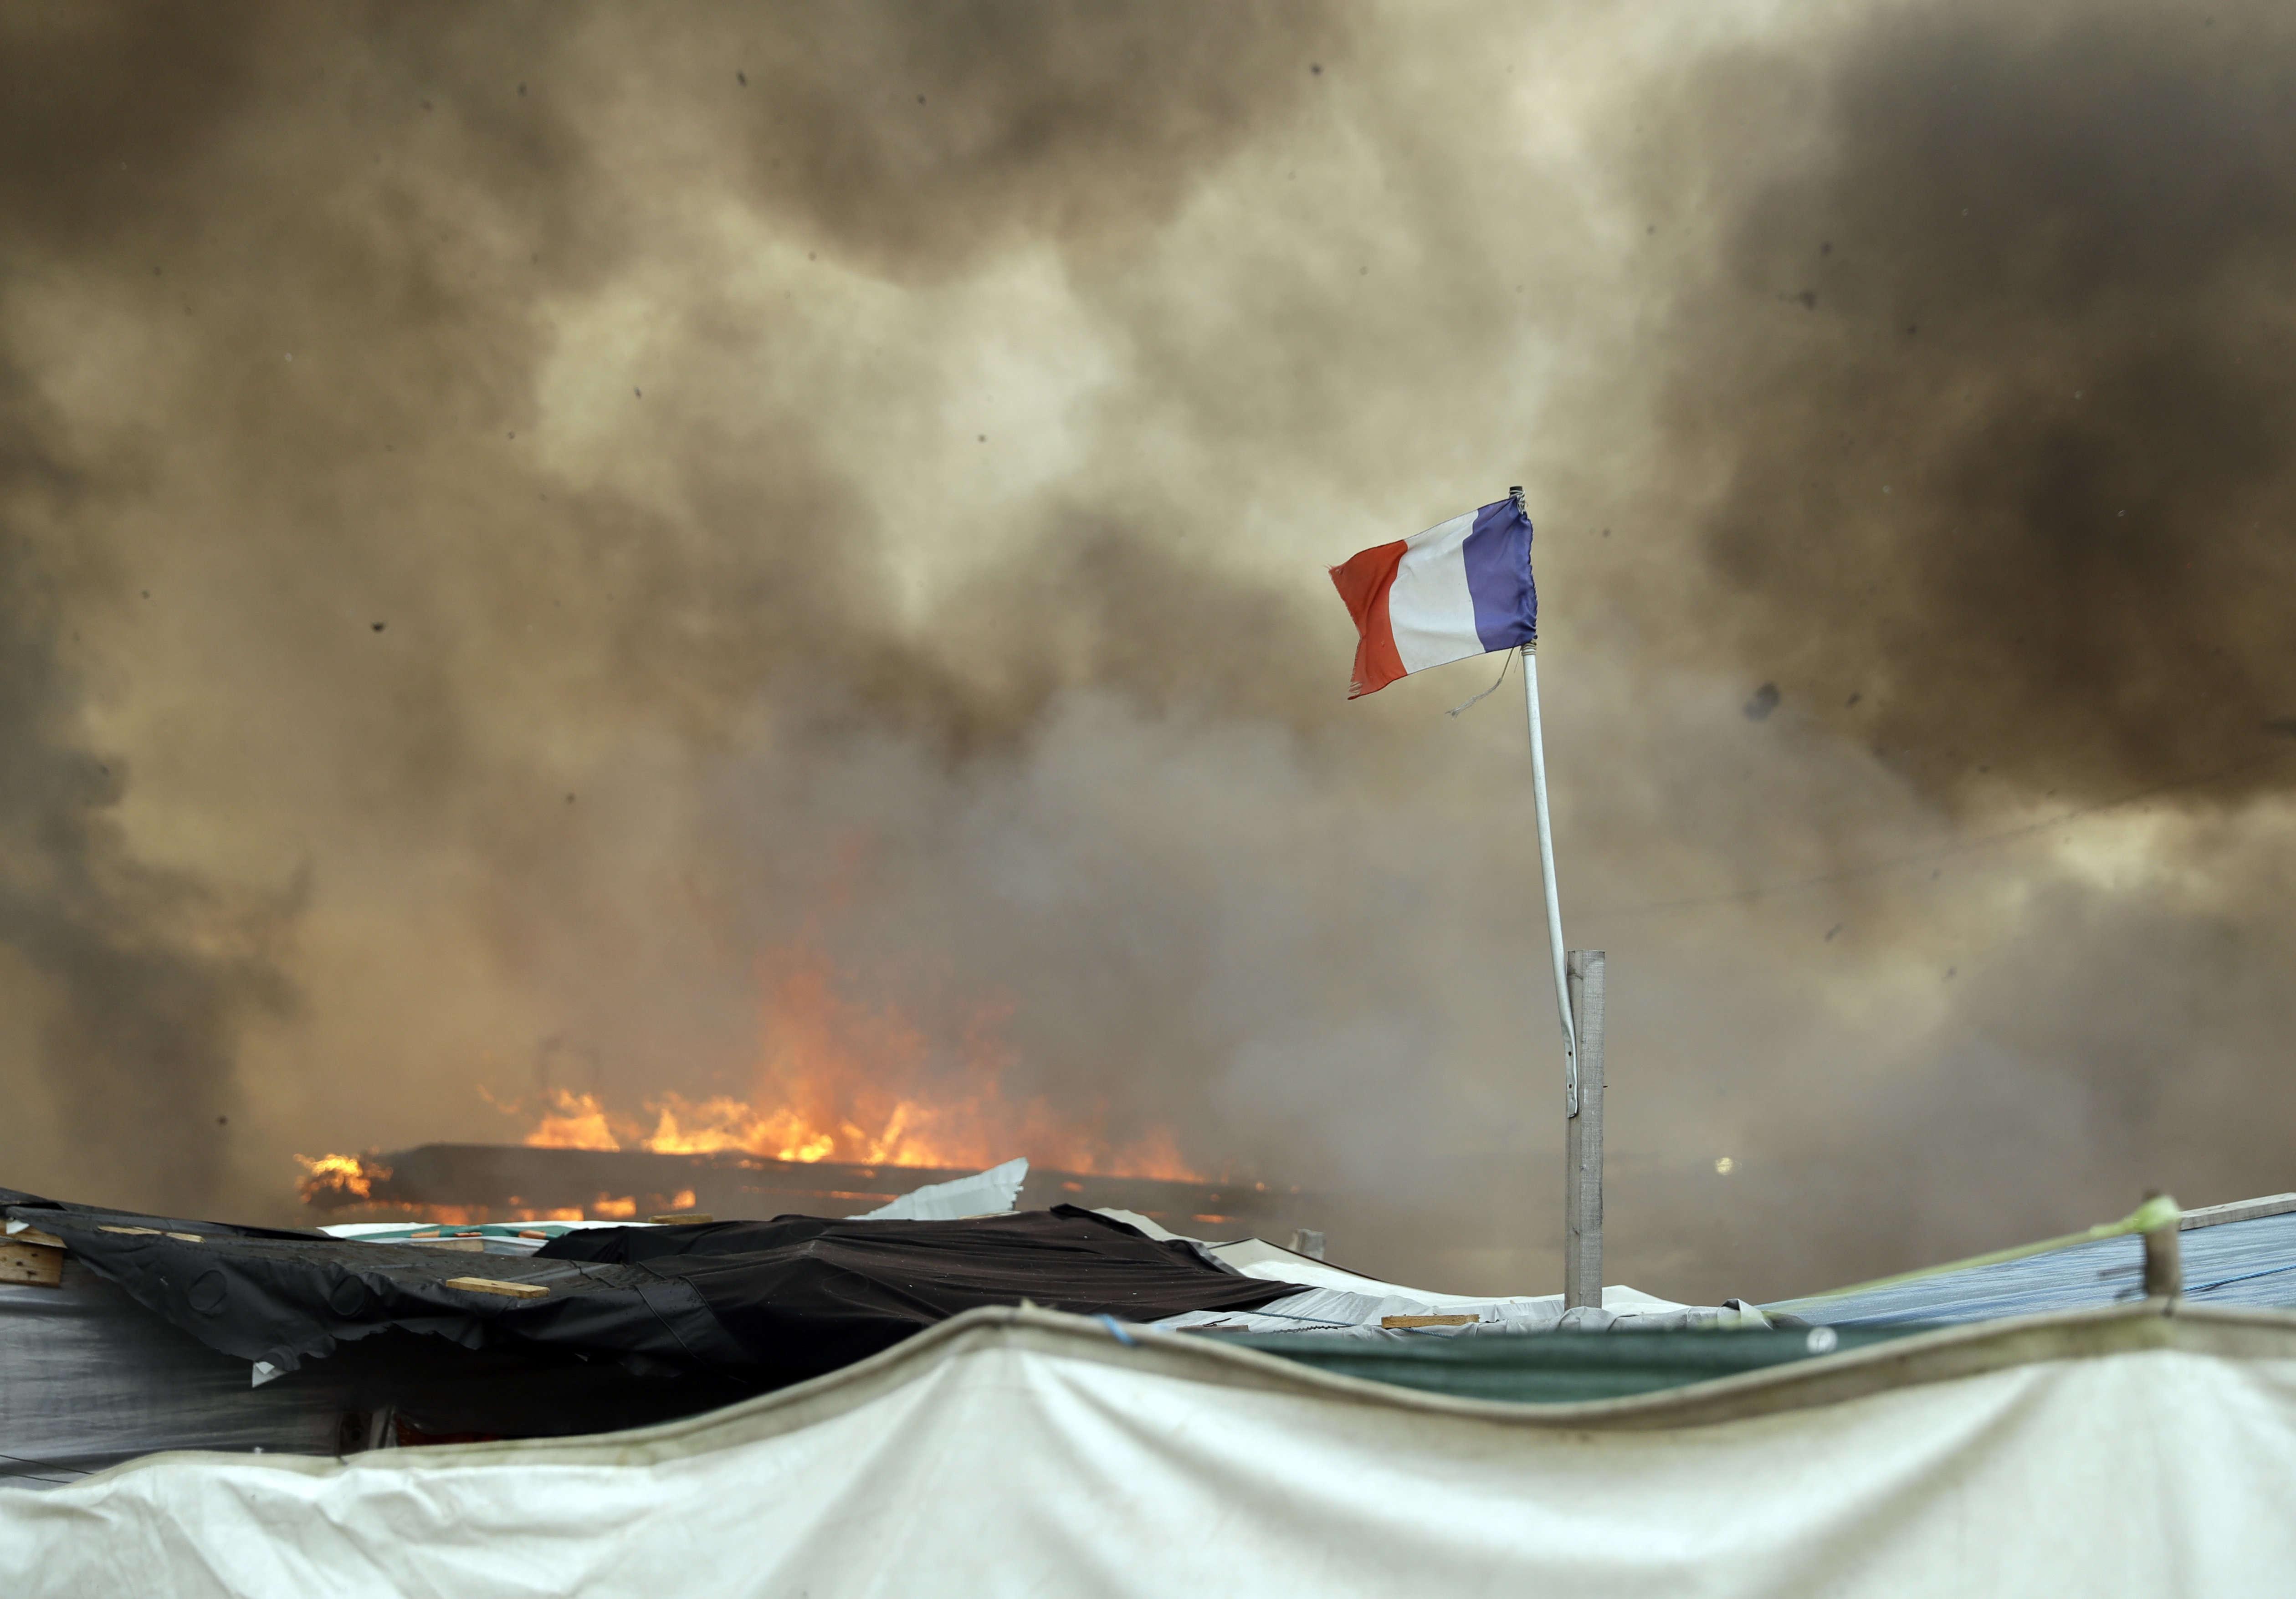 """«C'est vraiment aujourd'hui la fin de la """"jungle"""", il n'y a plus personne sur le camp», a répété, mercredi 26 octobre, le soir, la préfète du Pas-de-Calais, Fabienne Buccio. «Notre mission est remplie [et] une page se tourn» pour ces migrants qui «vont pouvoir commencer une nouvelle vie» en France, avait-elle dit quelques heures plus tôt."""